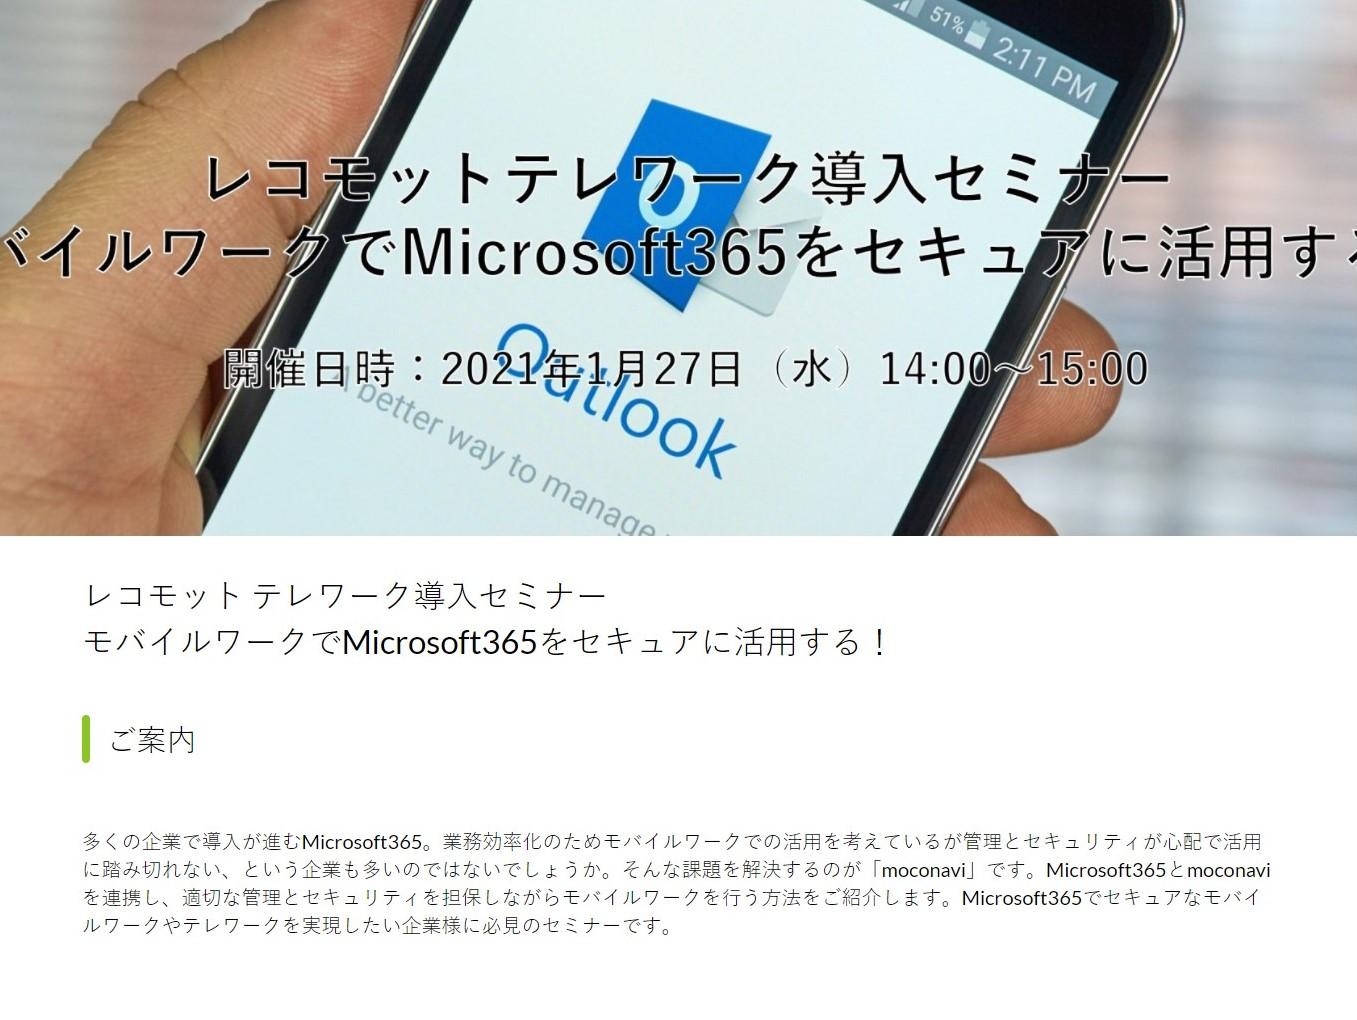 1/27(水) レコモット テレワーク導入セミナー<br>モバイルワークでMicrosoft365をセキュアに活用する!<br>のご案内